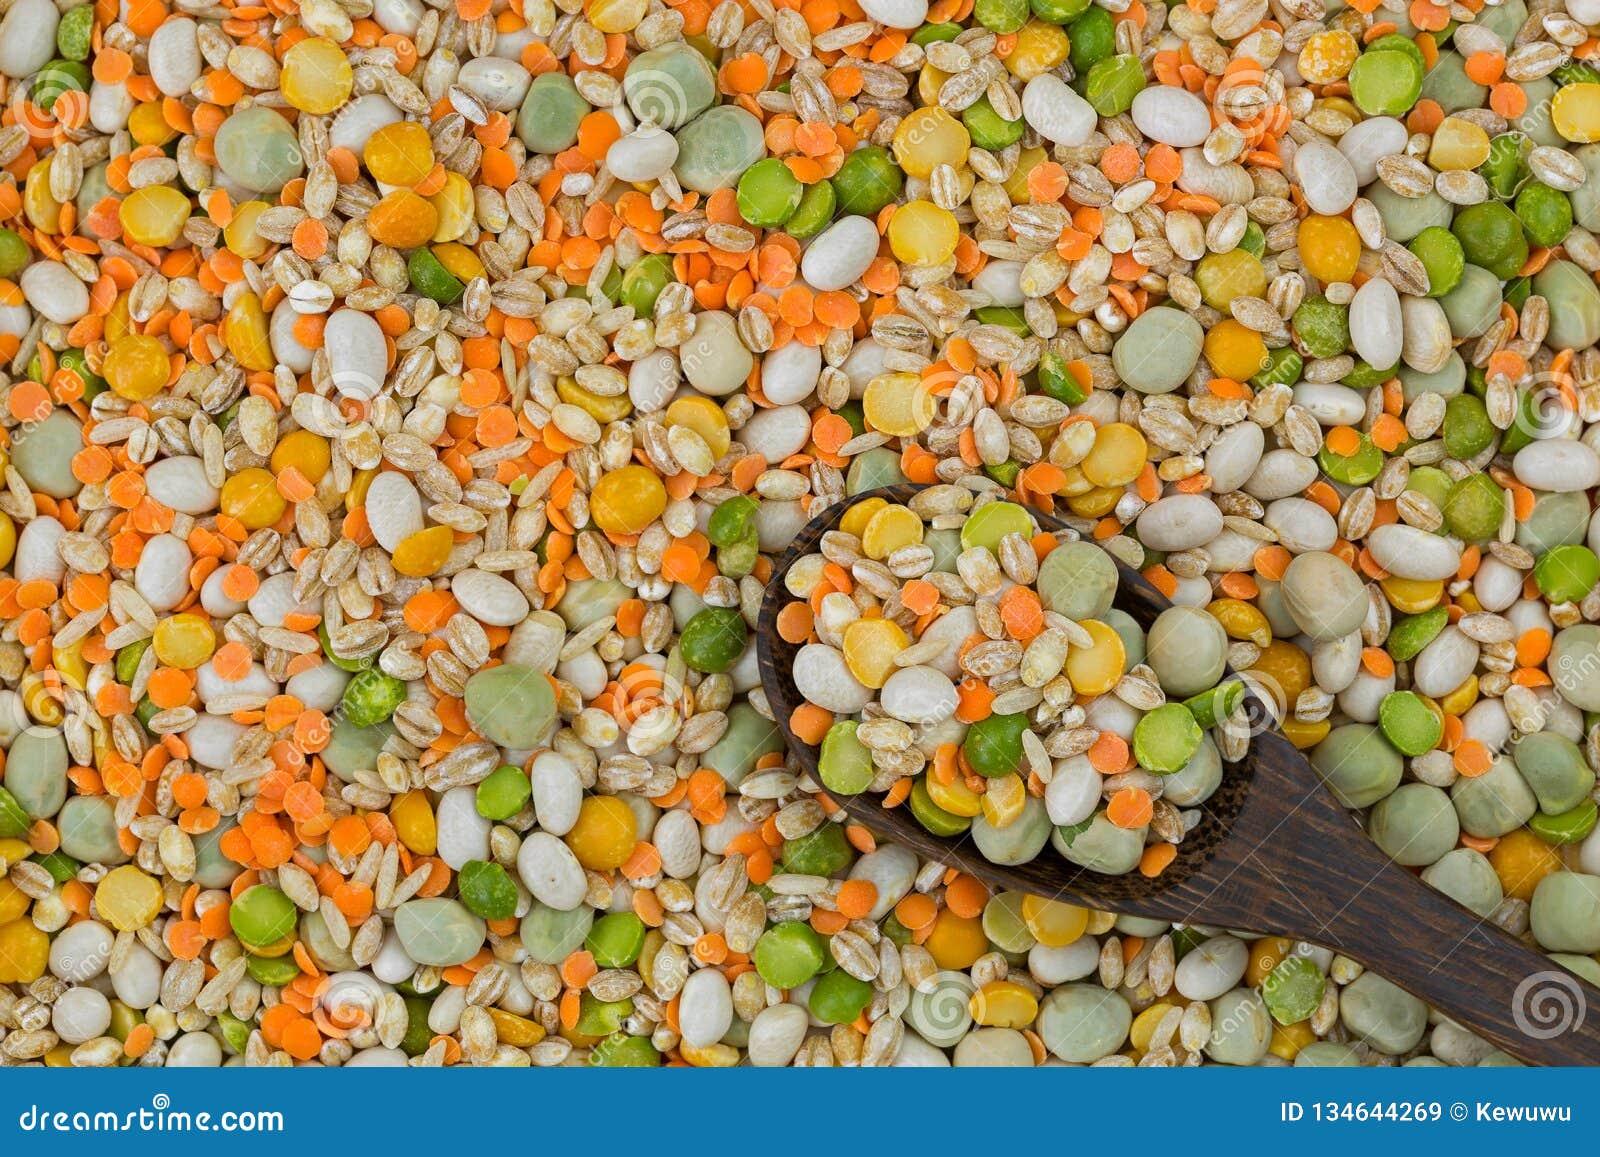 大麦米,扁豆,分裂豌豆扁豆,marrowfat豌豆,糙米的混合 汤与脉冲的炖煮的食物混合,五谷